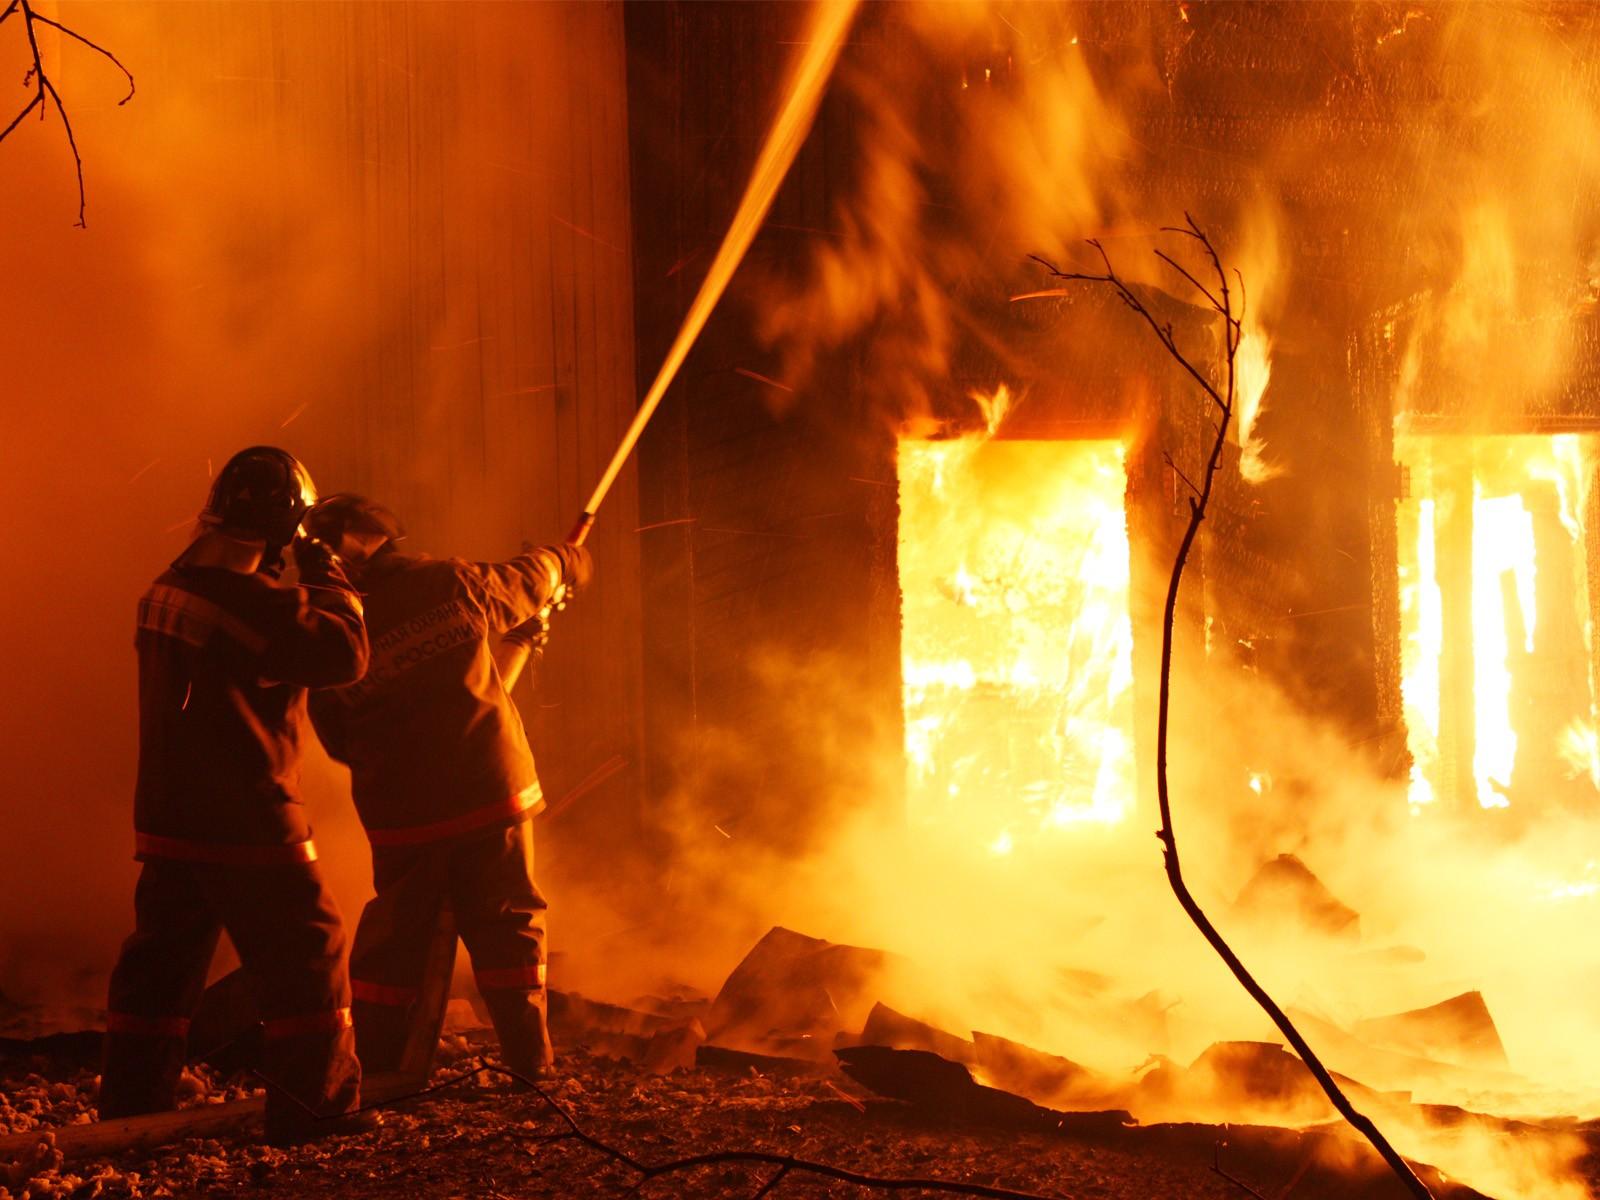 В столице изгорящего дома эвакуировали 2-х детей и 3-х взрослых